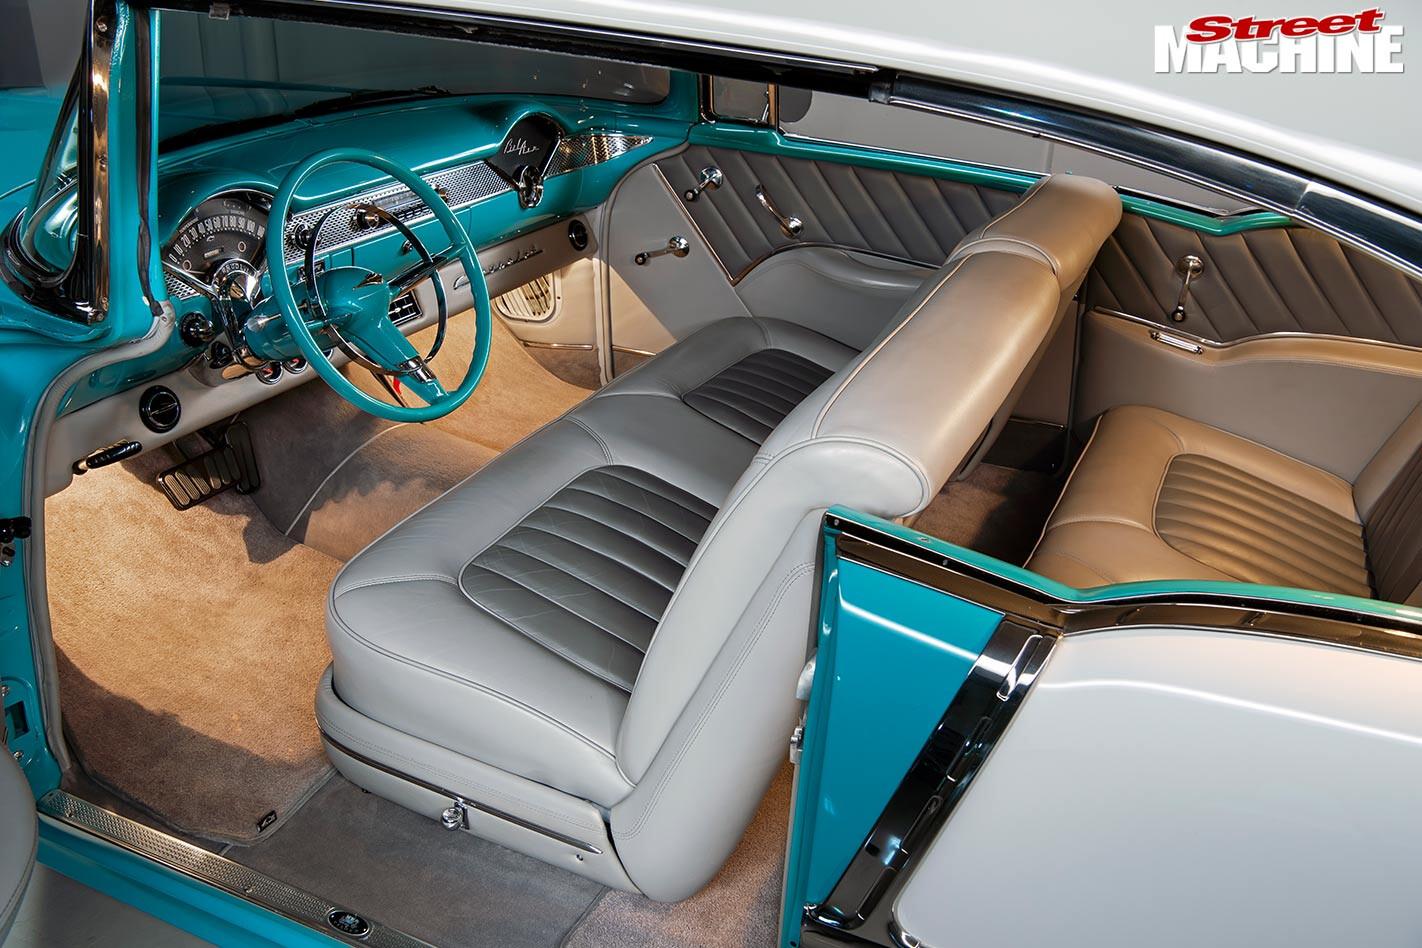 1955 Chev interior